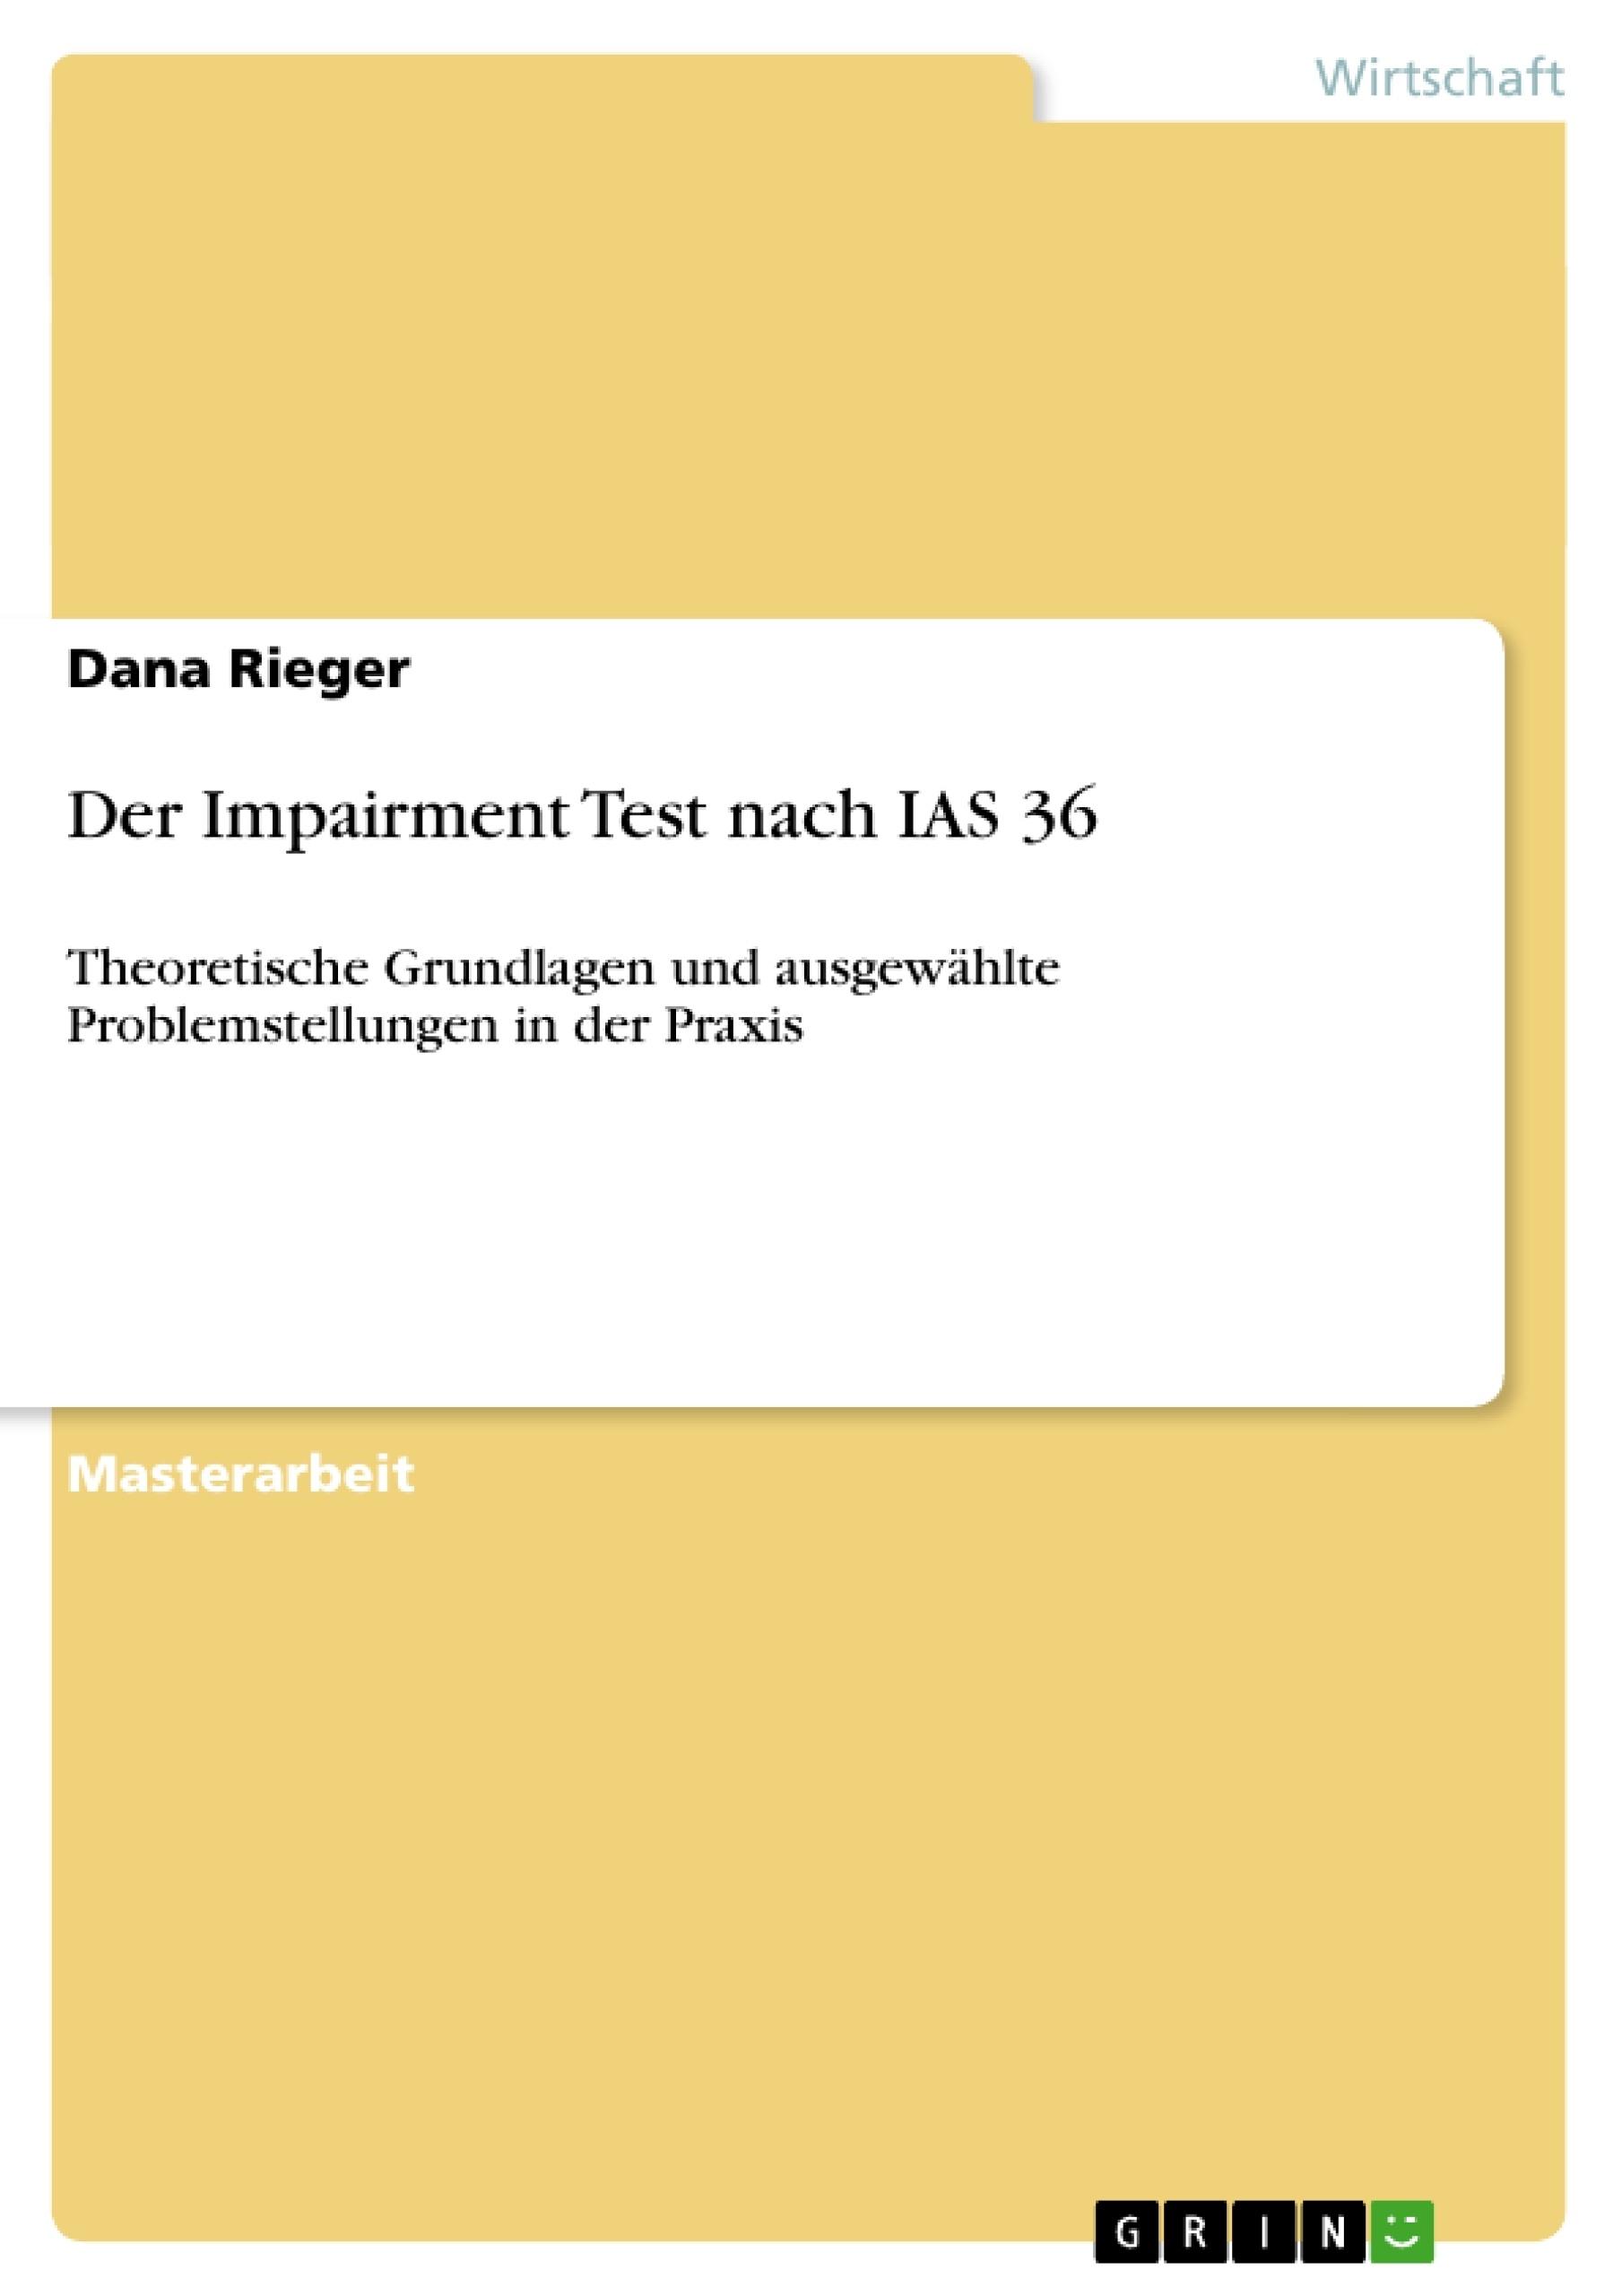 Titel: Der Impairment Test nach IAS 36